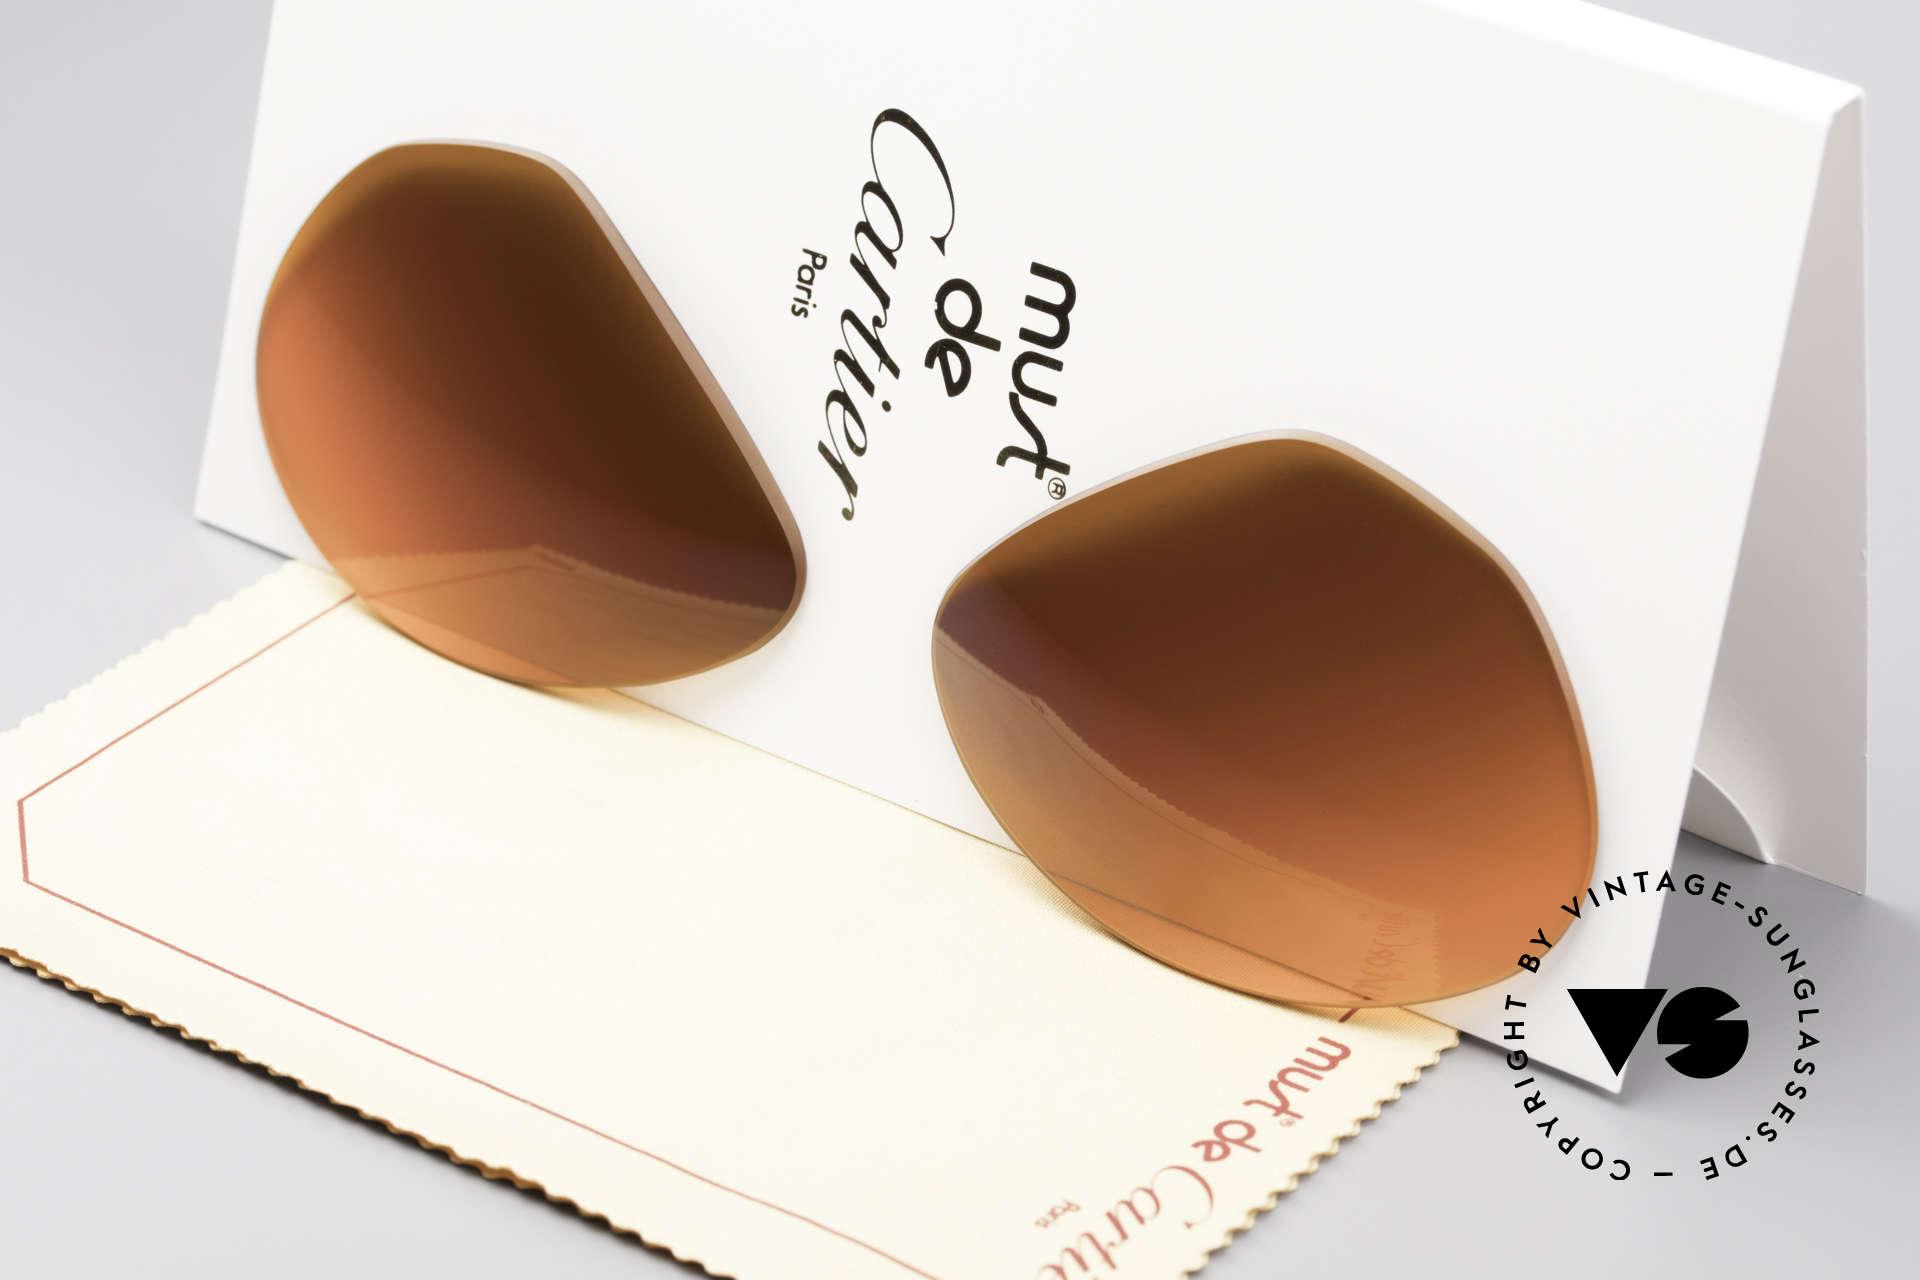 Cartier Vendome Lenses - L Sonnengläser Abendrot, neue CR39 UV400 Kunststoff-Gläser (100% UV Schutz), Passend für Herren